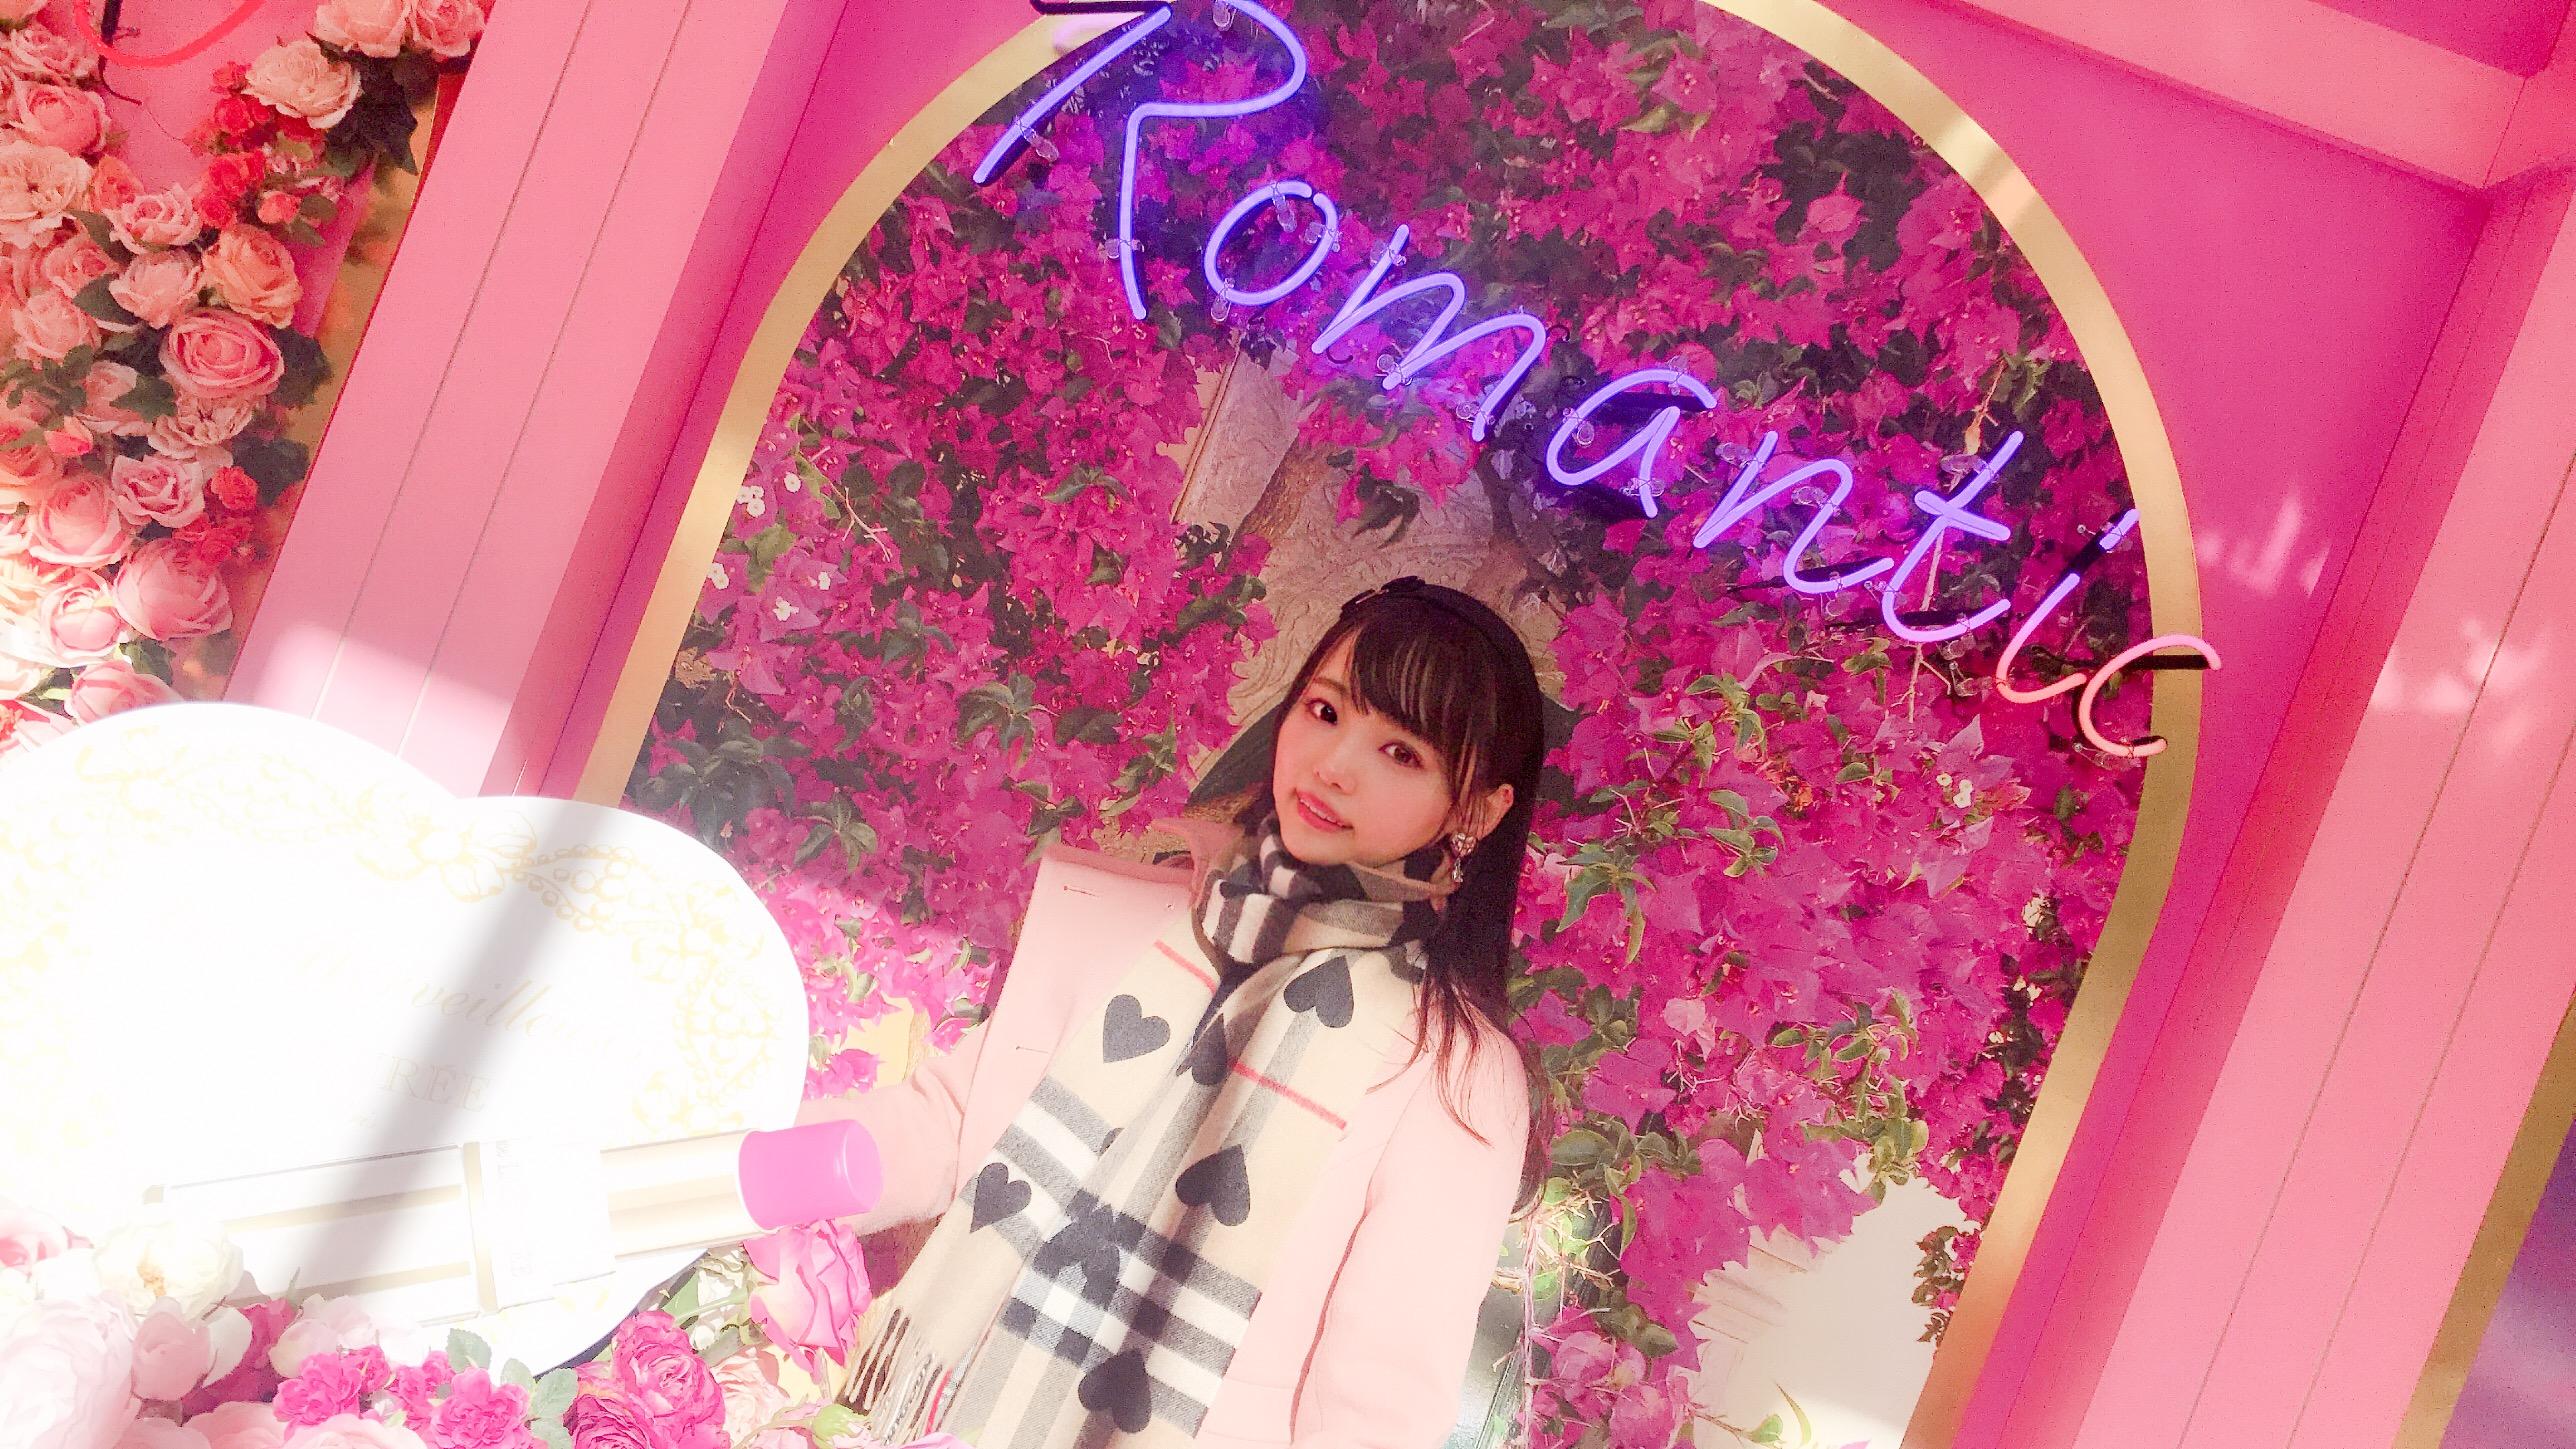 【東京】My Pink! レ・メルヴェイユーズ ラデュレ のPOPUPSHOP【表参道ヒルズ】_2